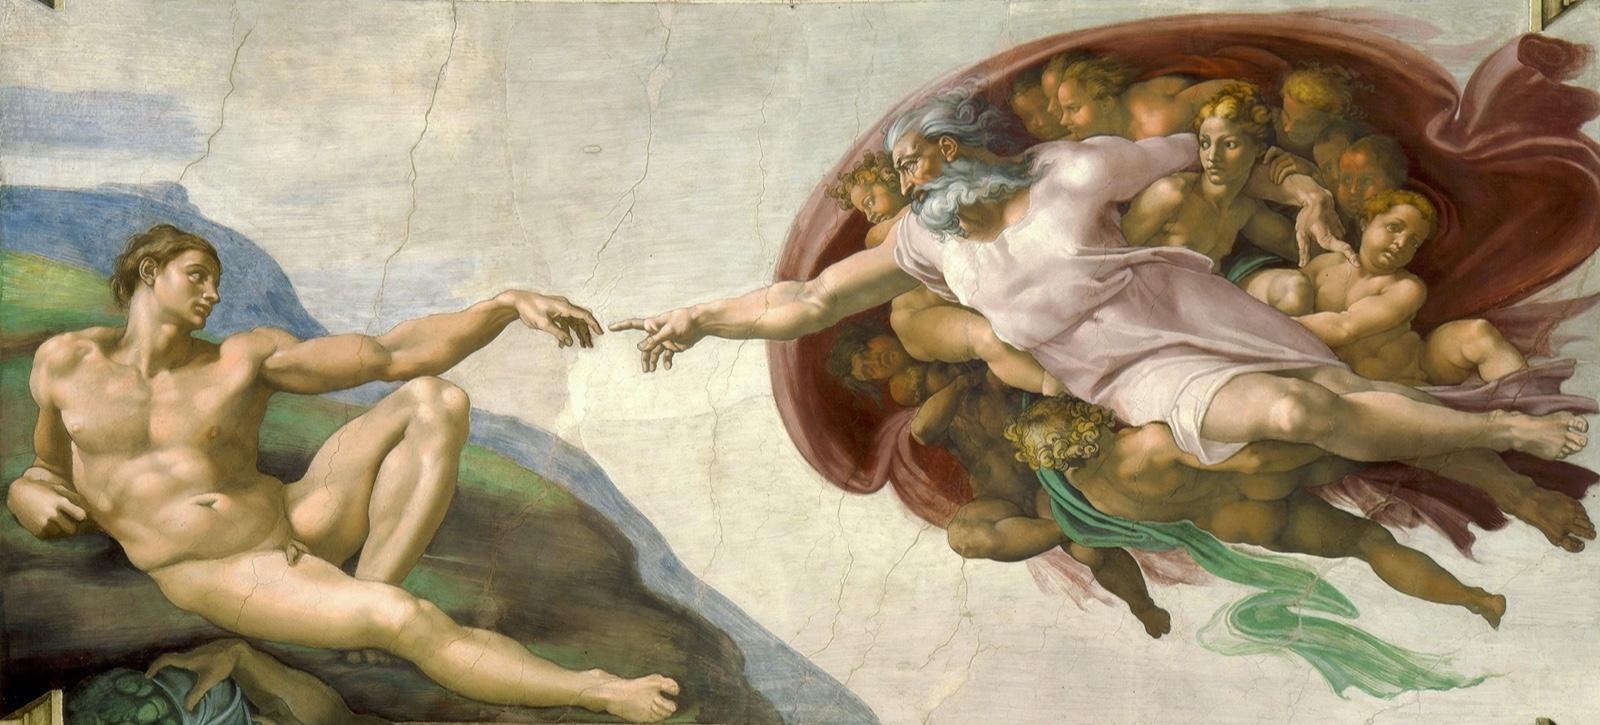 1米开朗琪罗,《创造亚当》